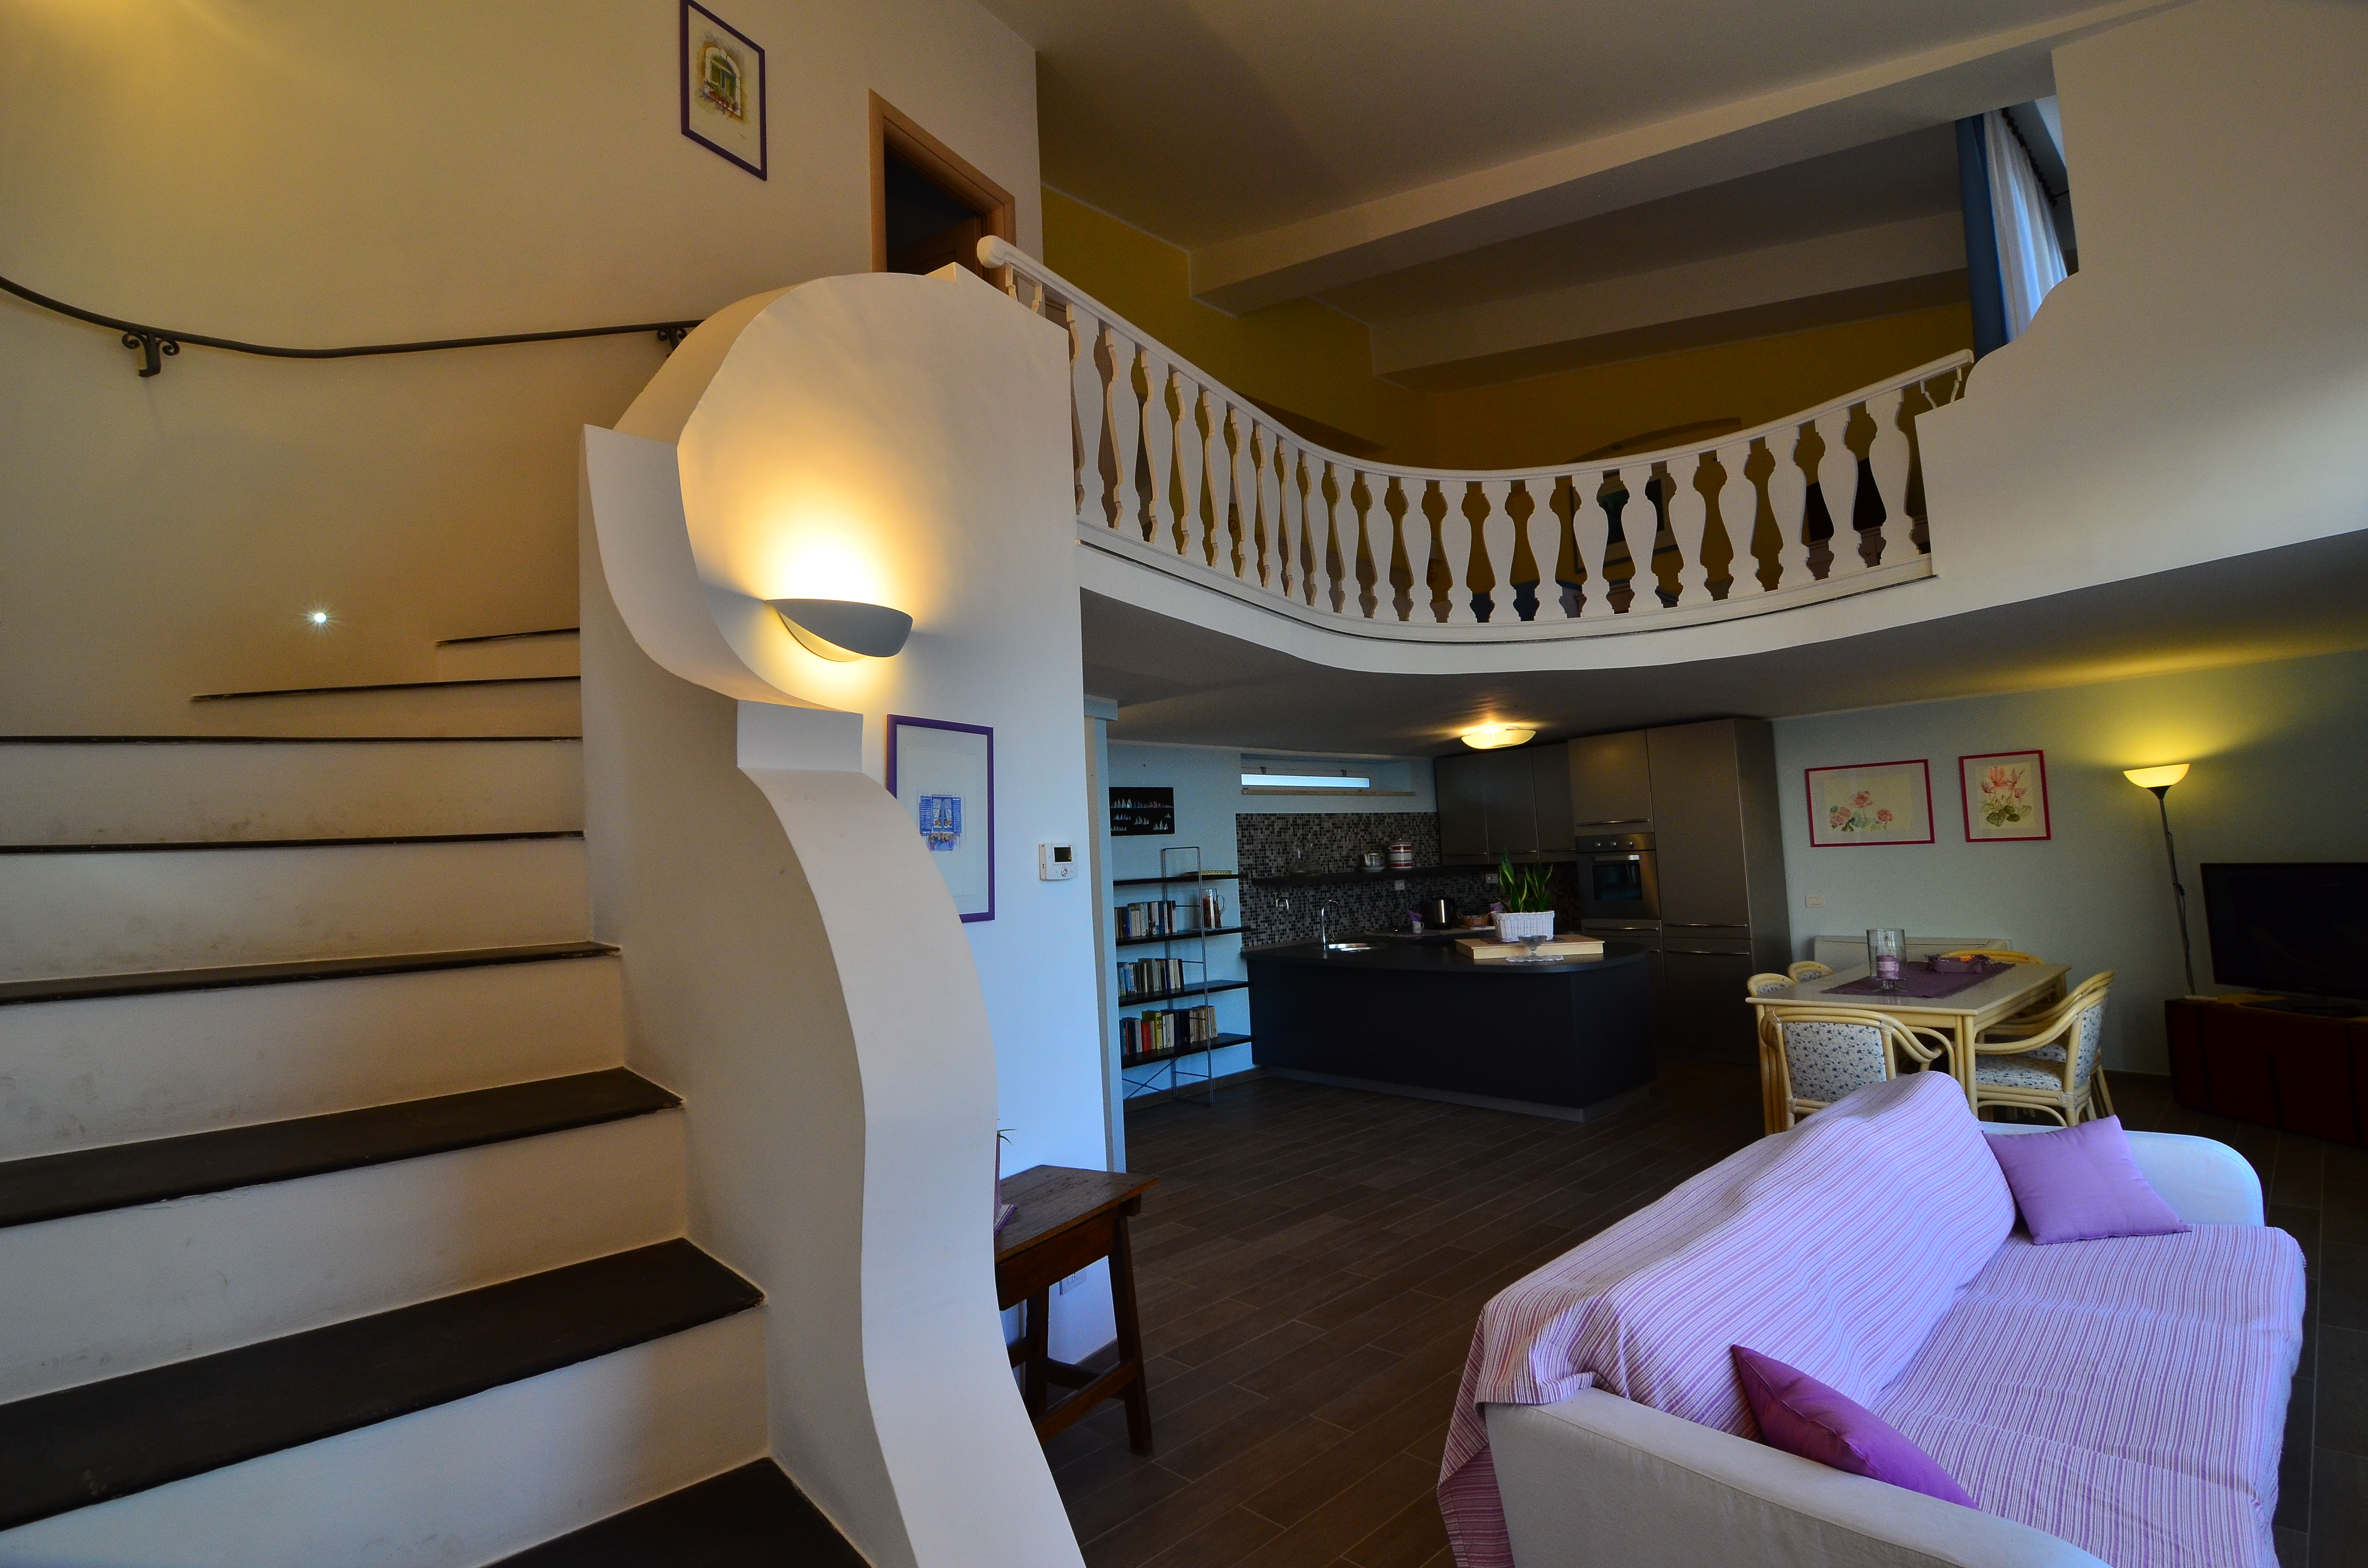 scala per la camera superiore